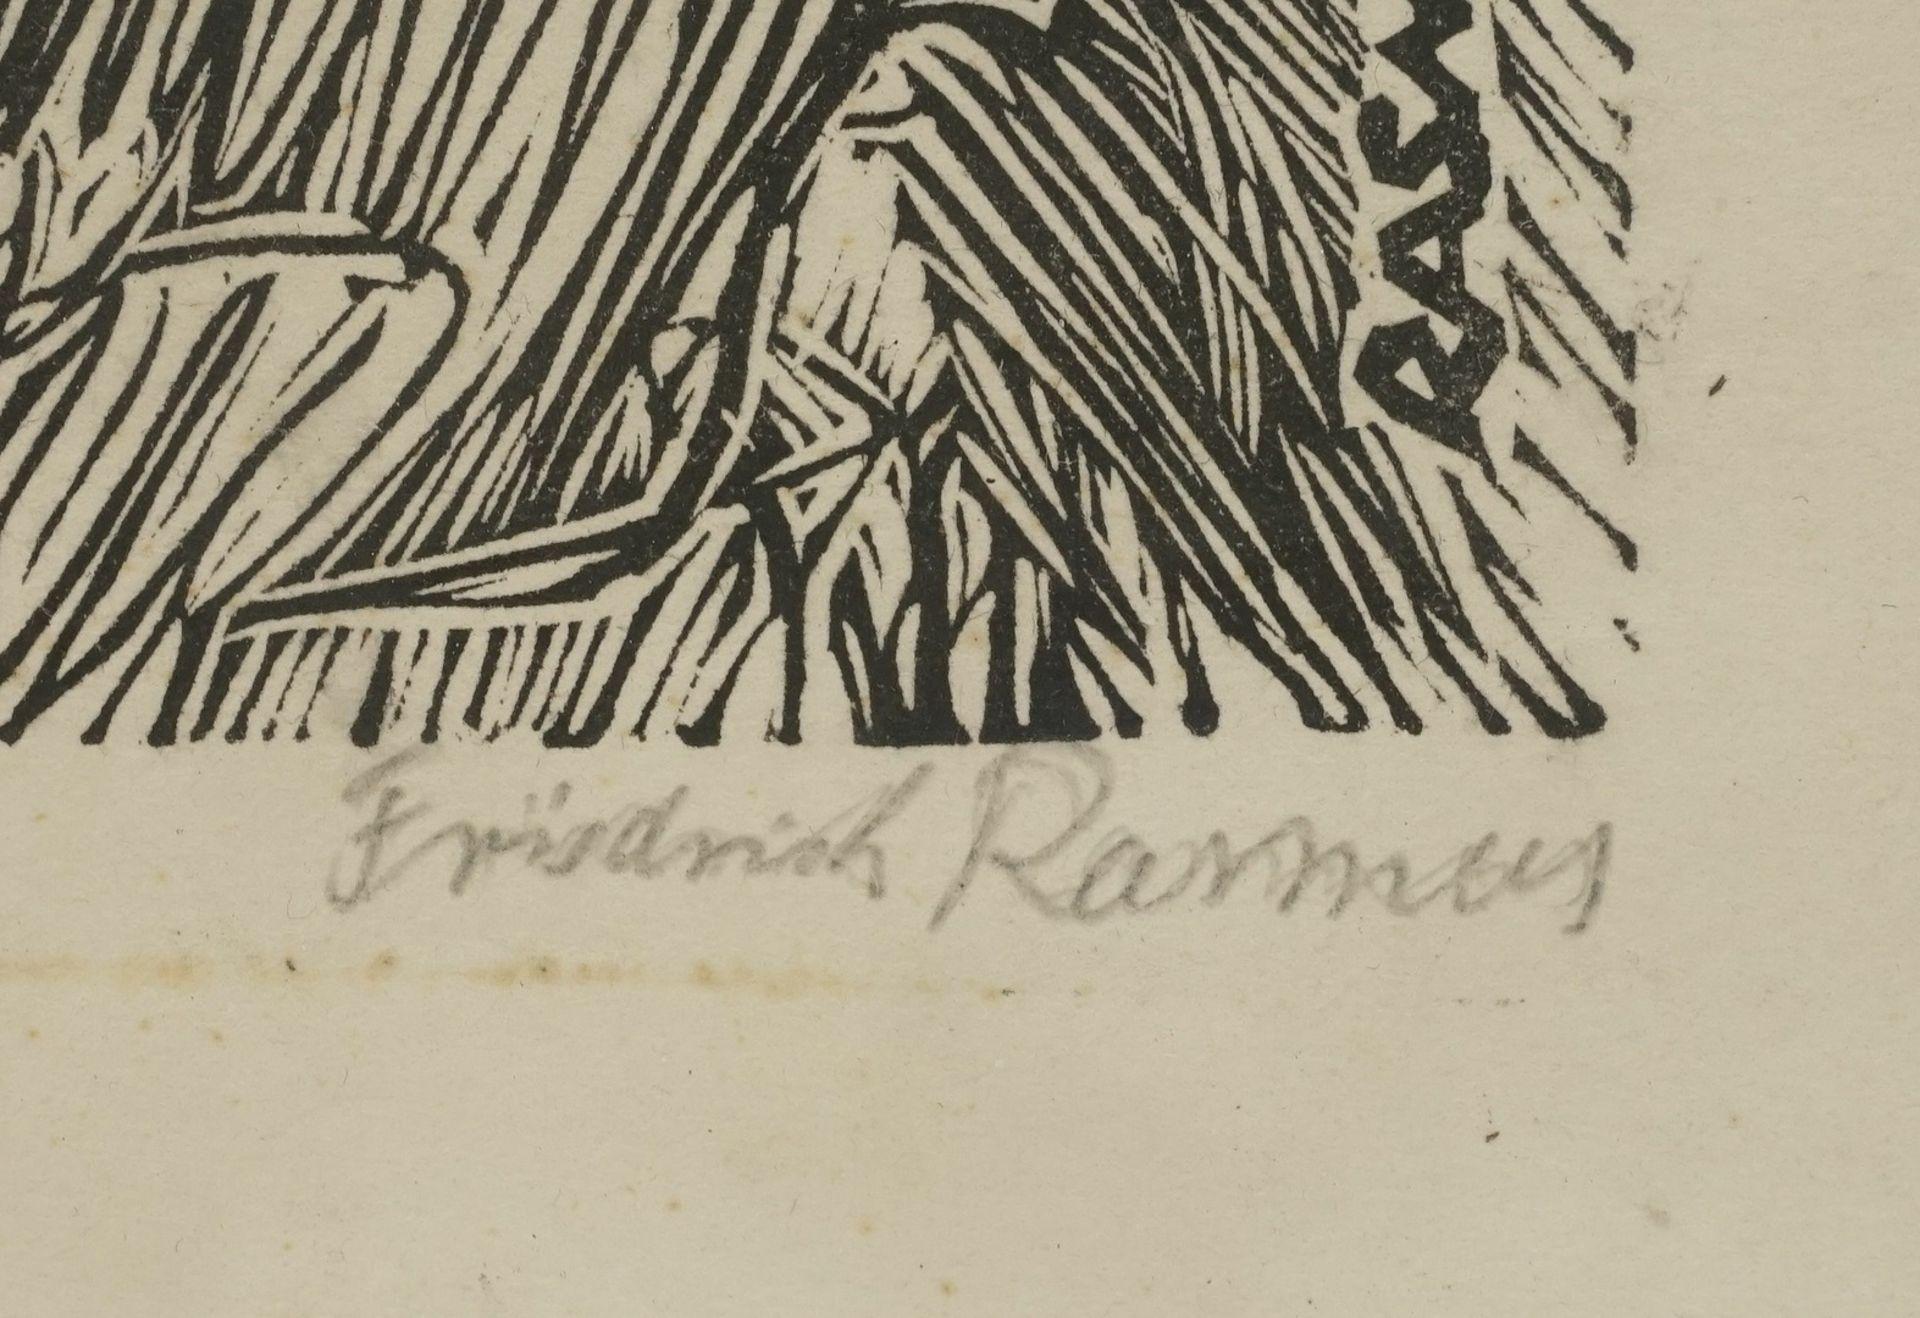 Claus Friedrich Rasmus, Portrait von Benedix Passig - Bild 4 aus 4